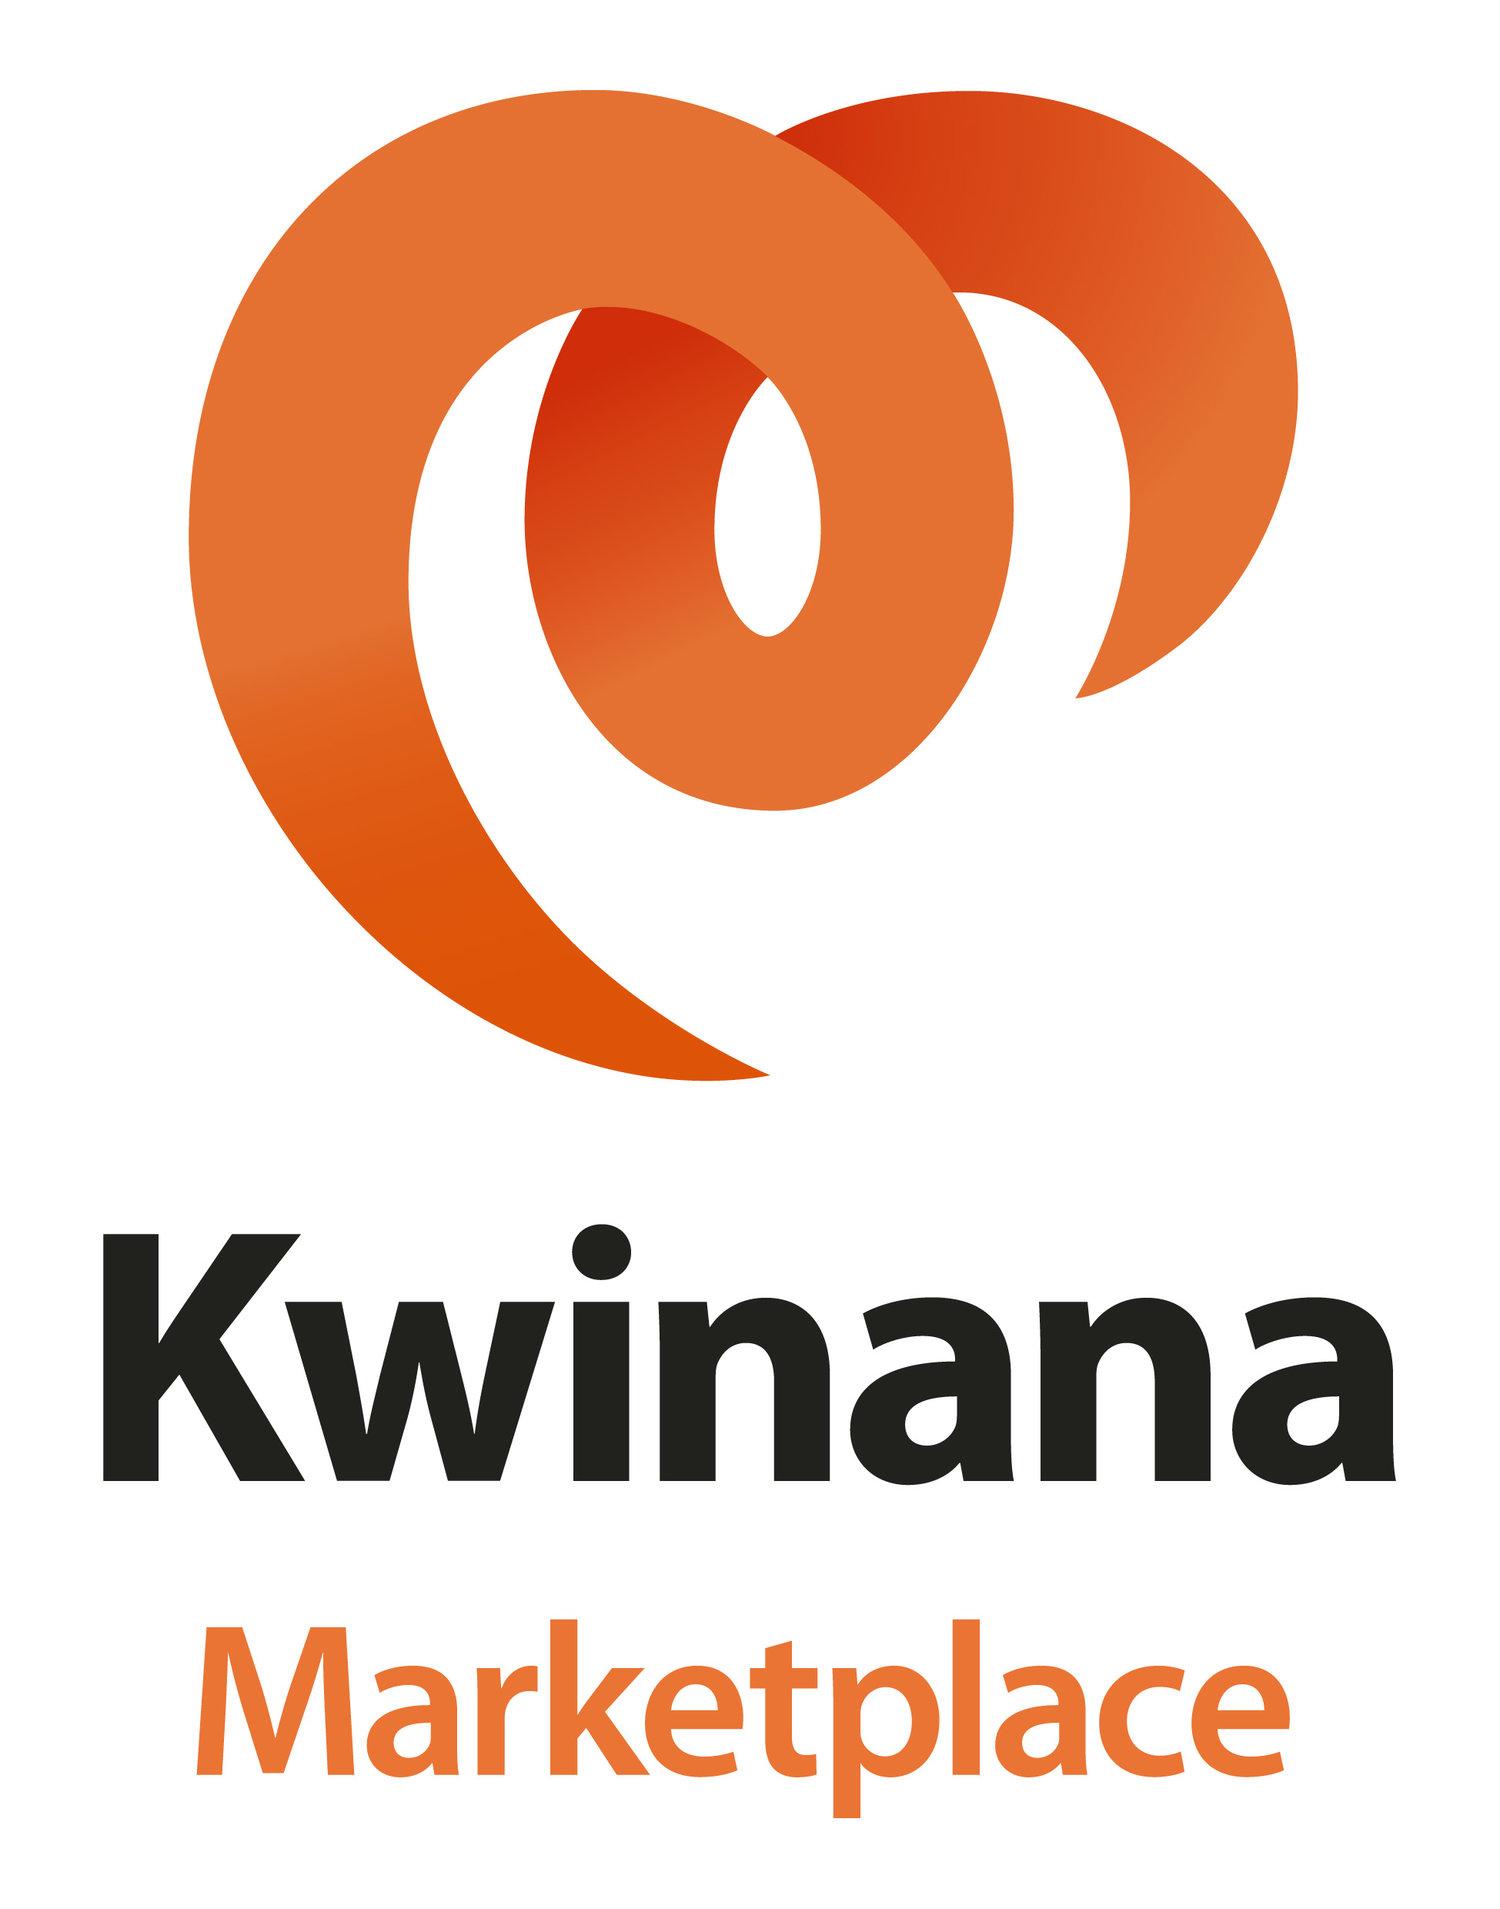 kwinana marketplace.jpg